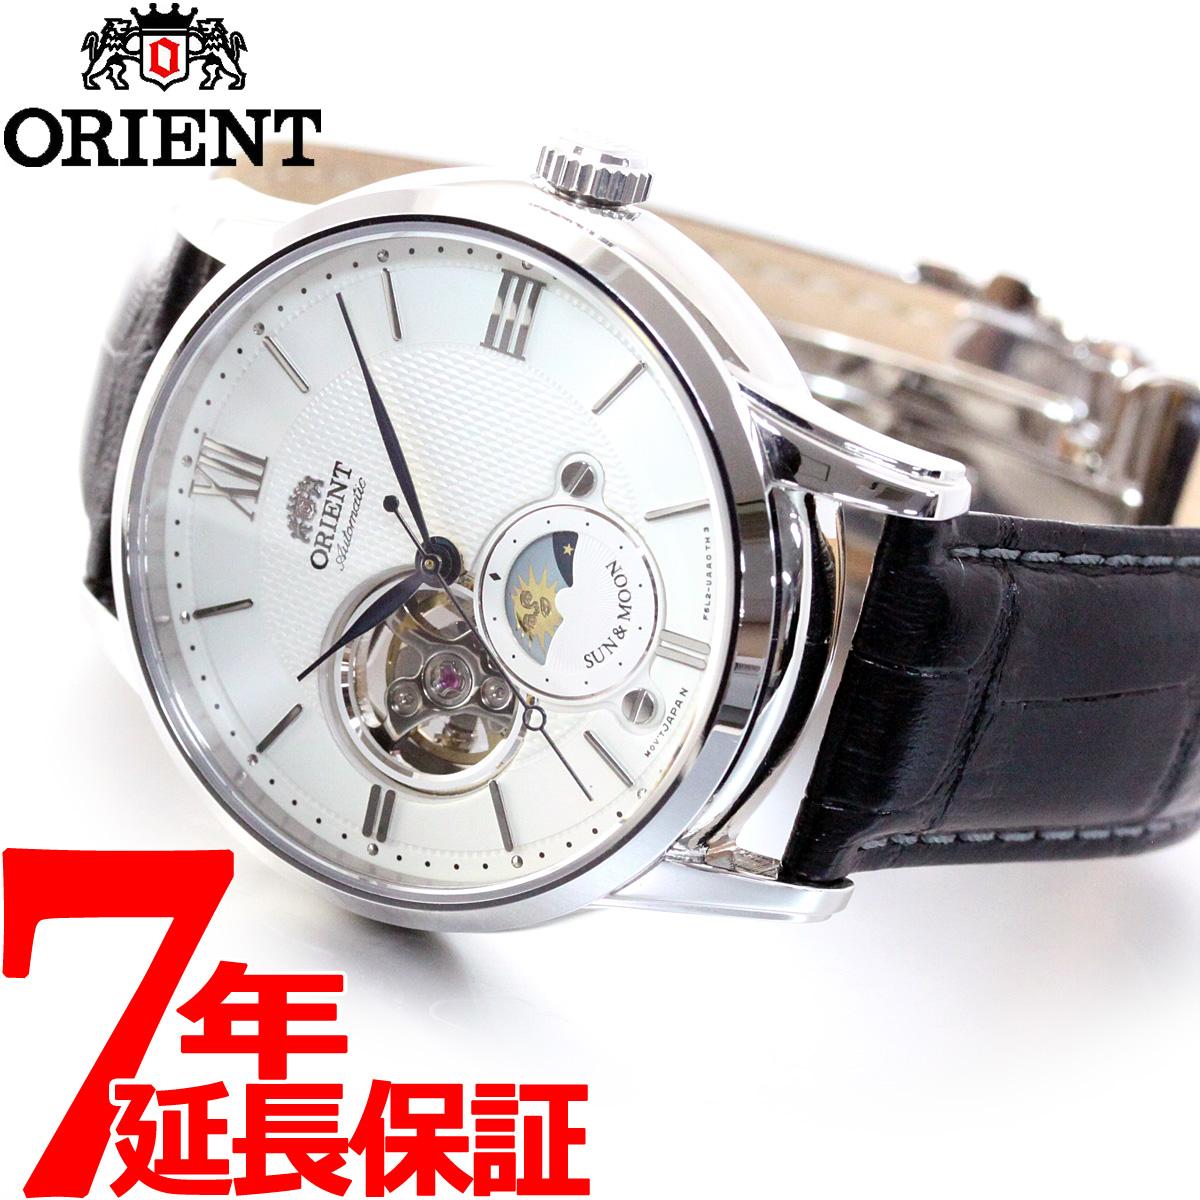 オリエント ORIENT クラシック CLASSIC 腕時計 メンズ 自動巻き オートマチック メカニカル サン&ムーン RN-AS0003S【2018 新作】